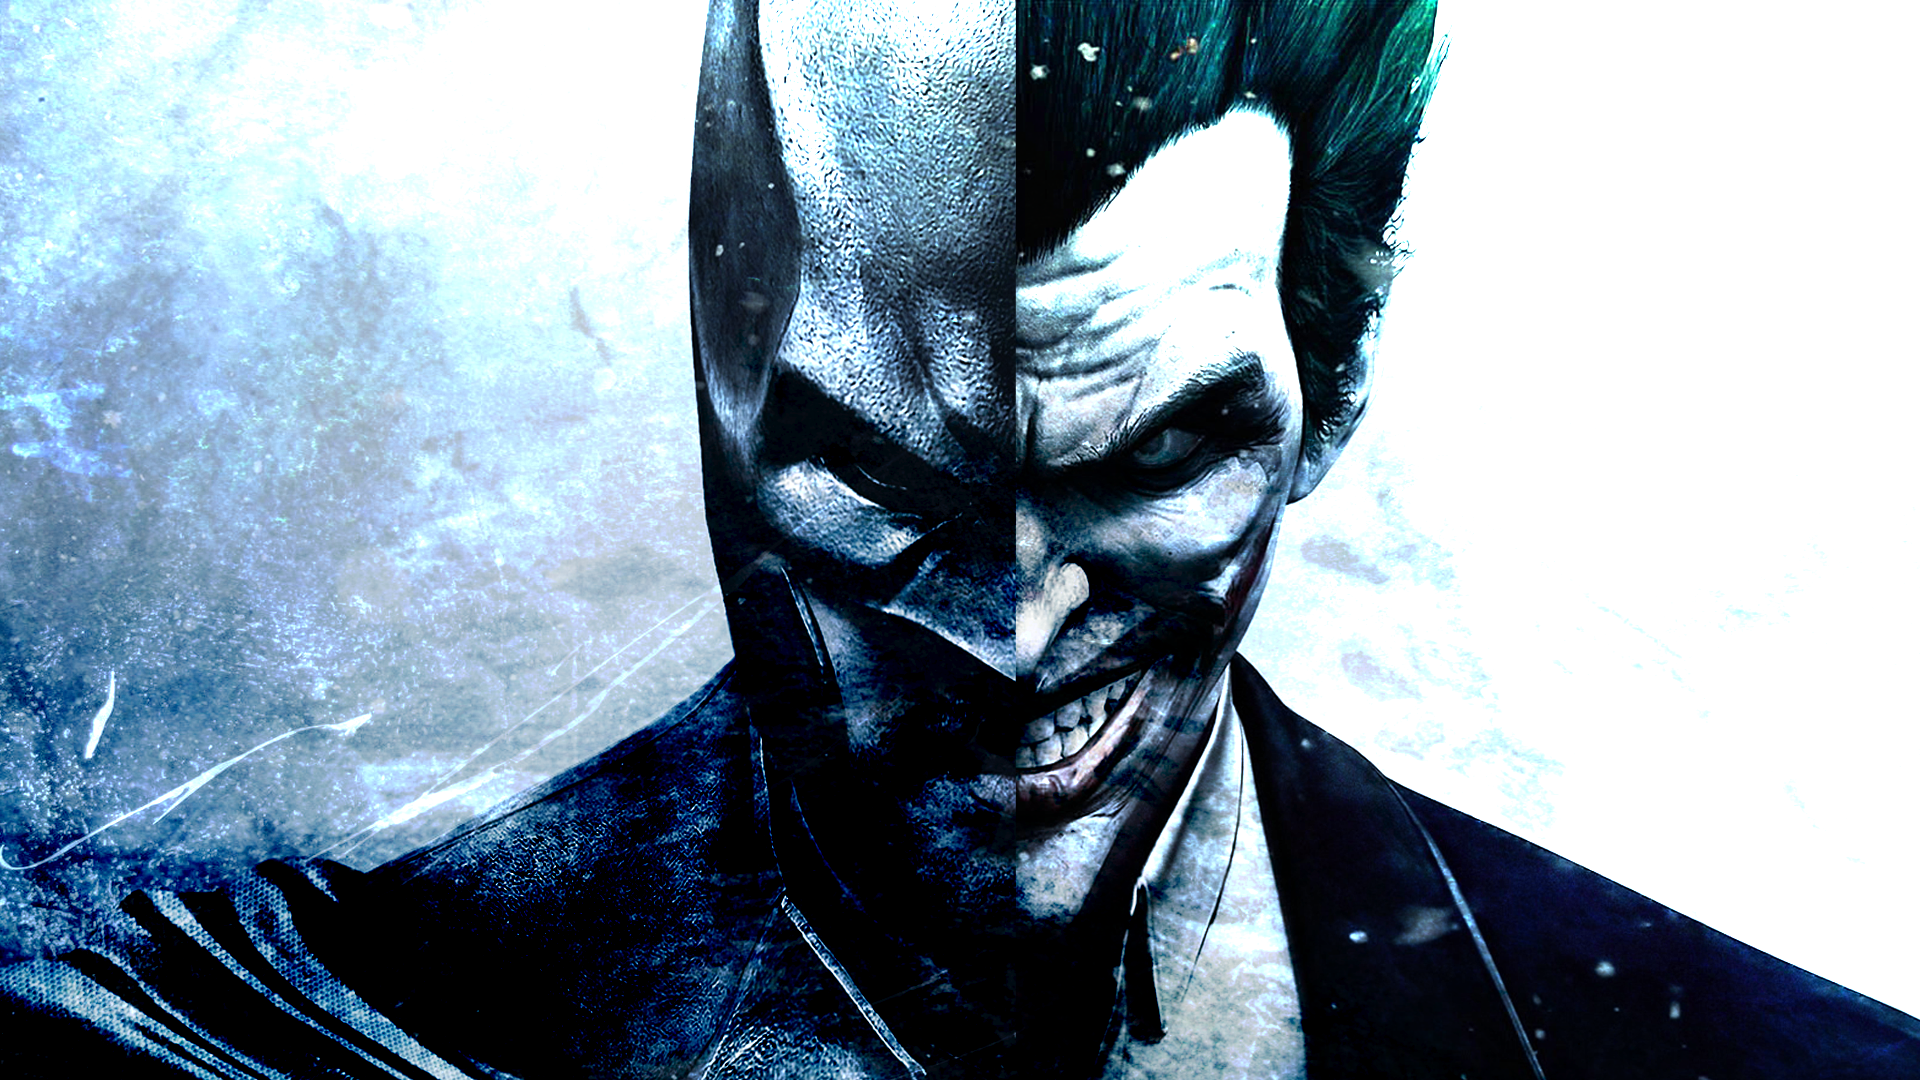 Batman and joker double pen harley quinn bukakke hoe 2